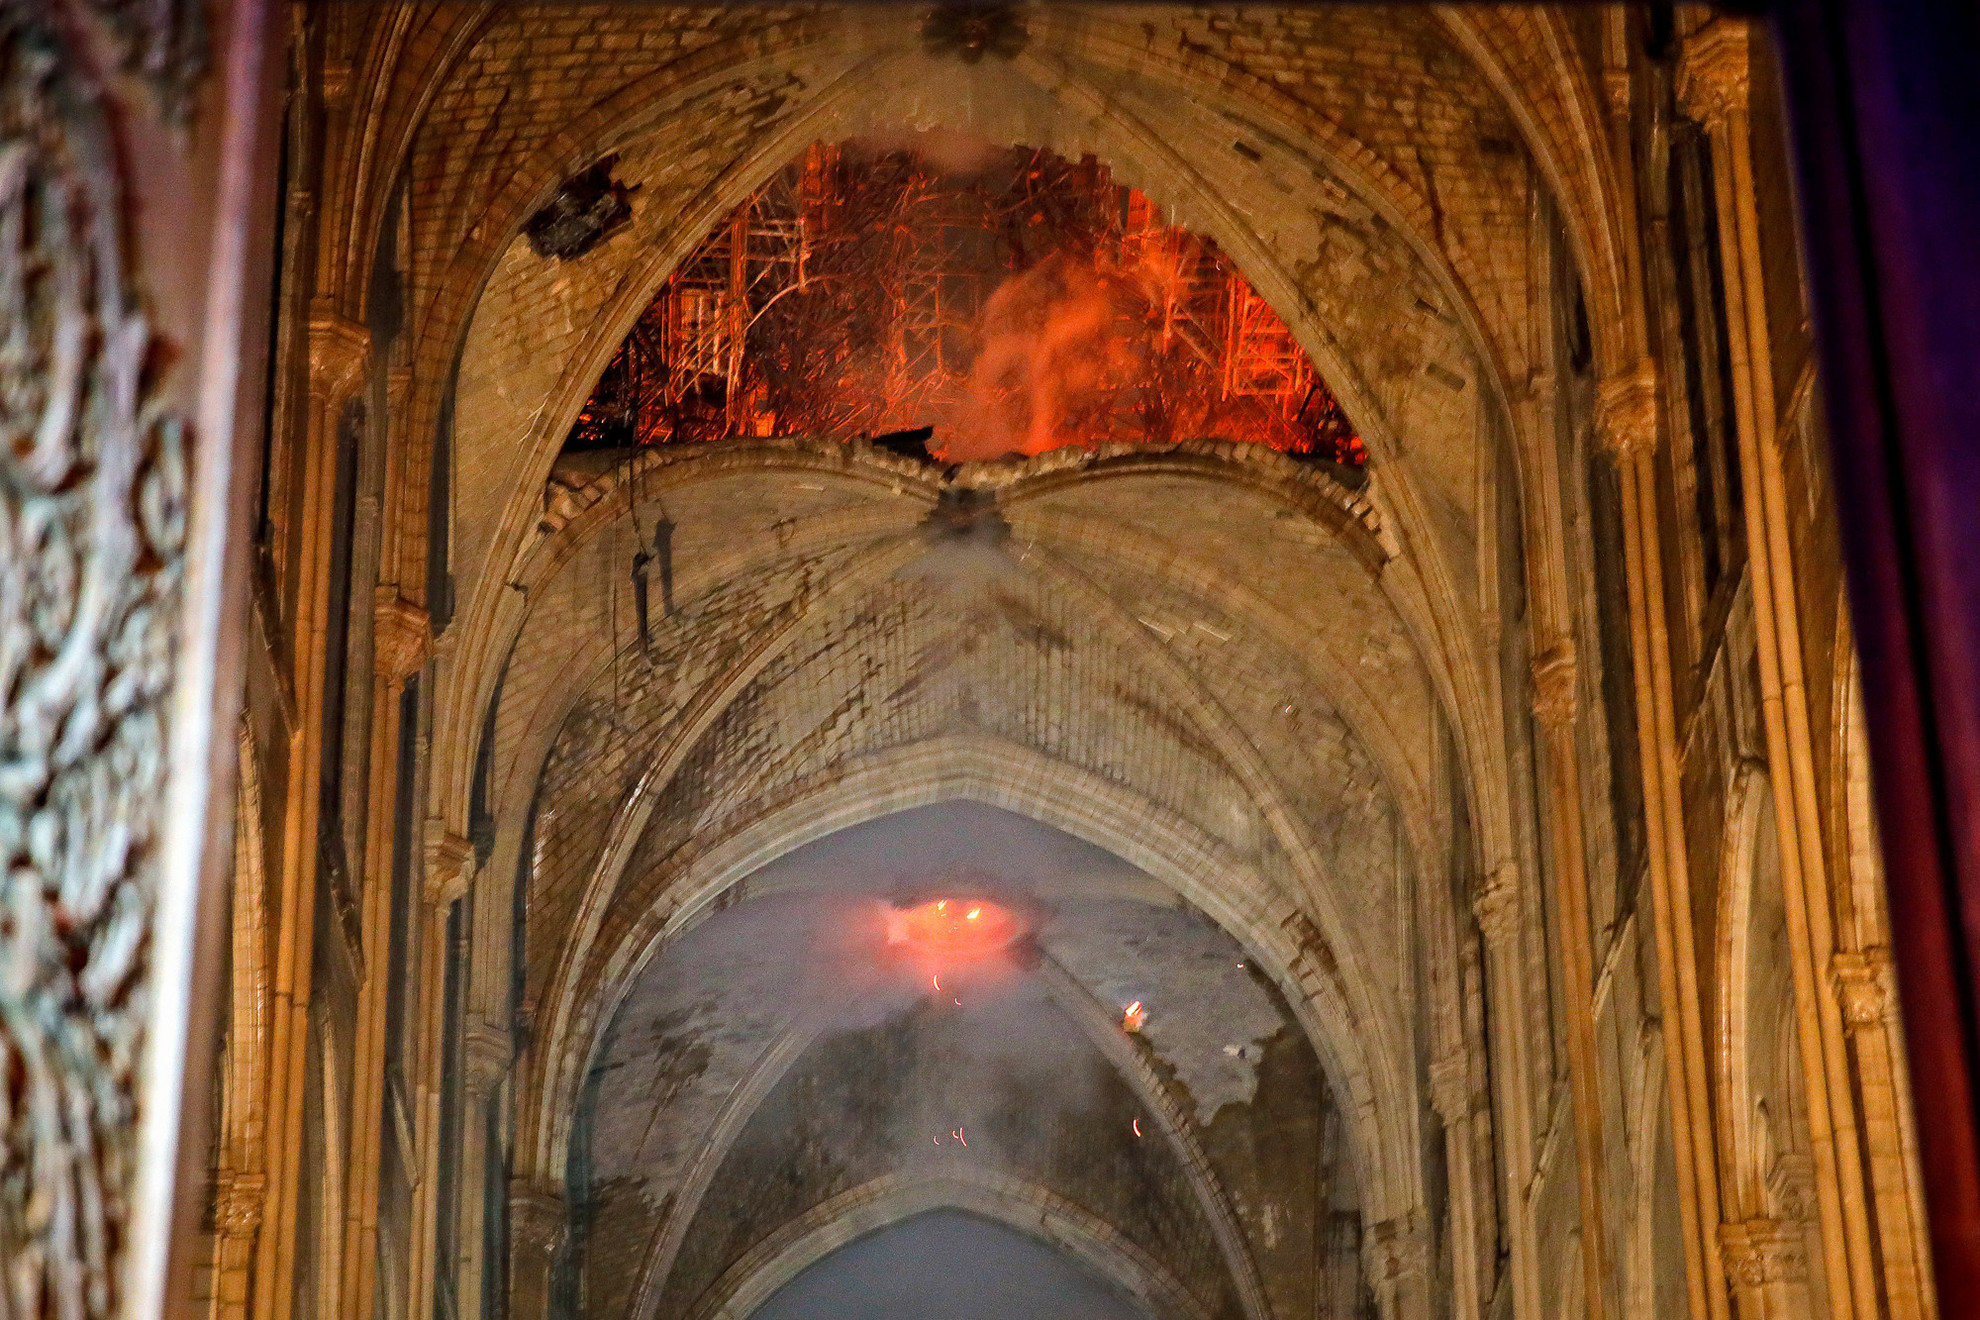 Szörnyű látványt nyújt a tűz okozta pusztítás